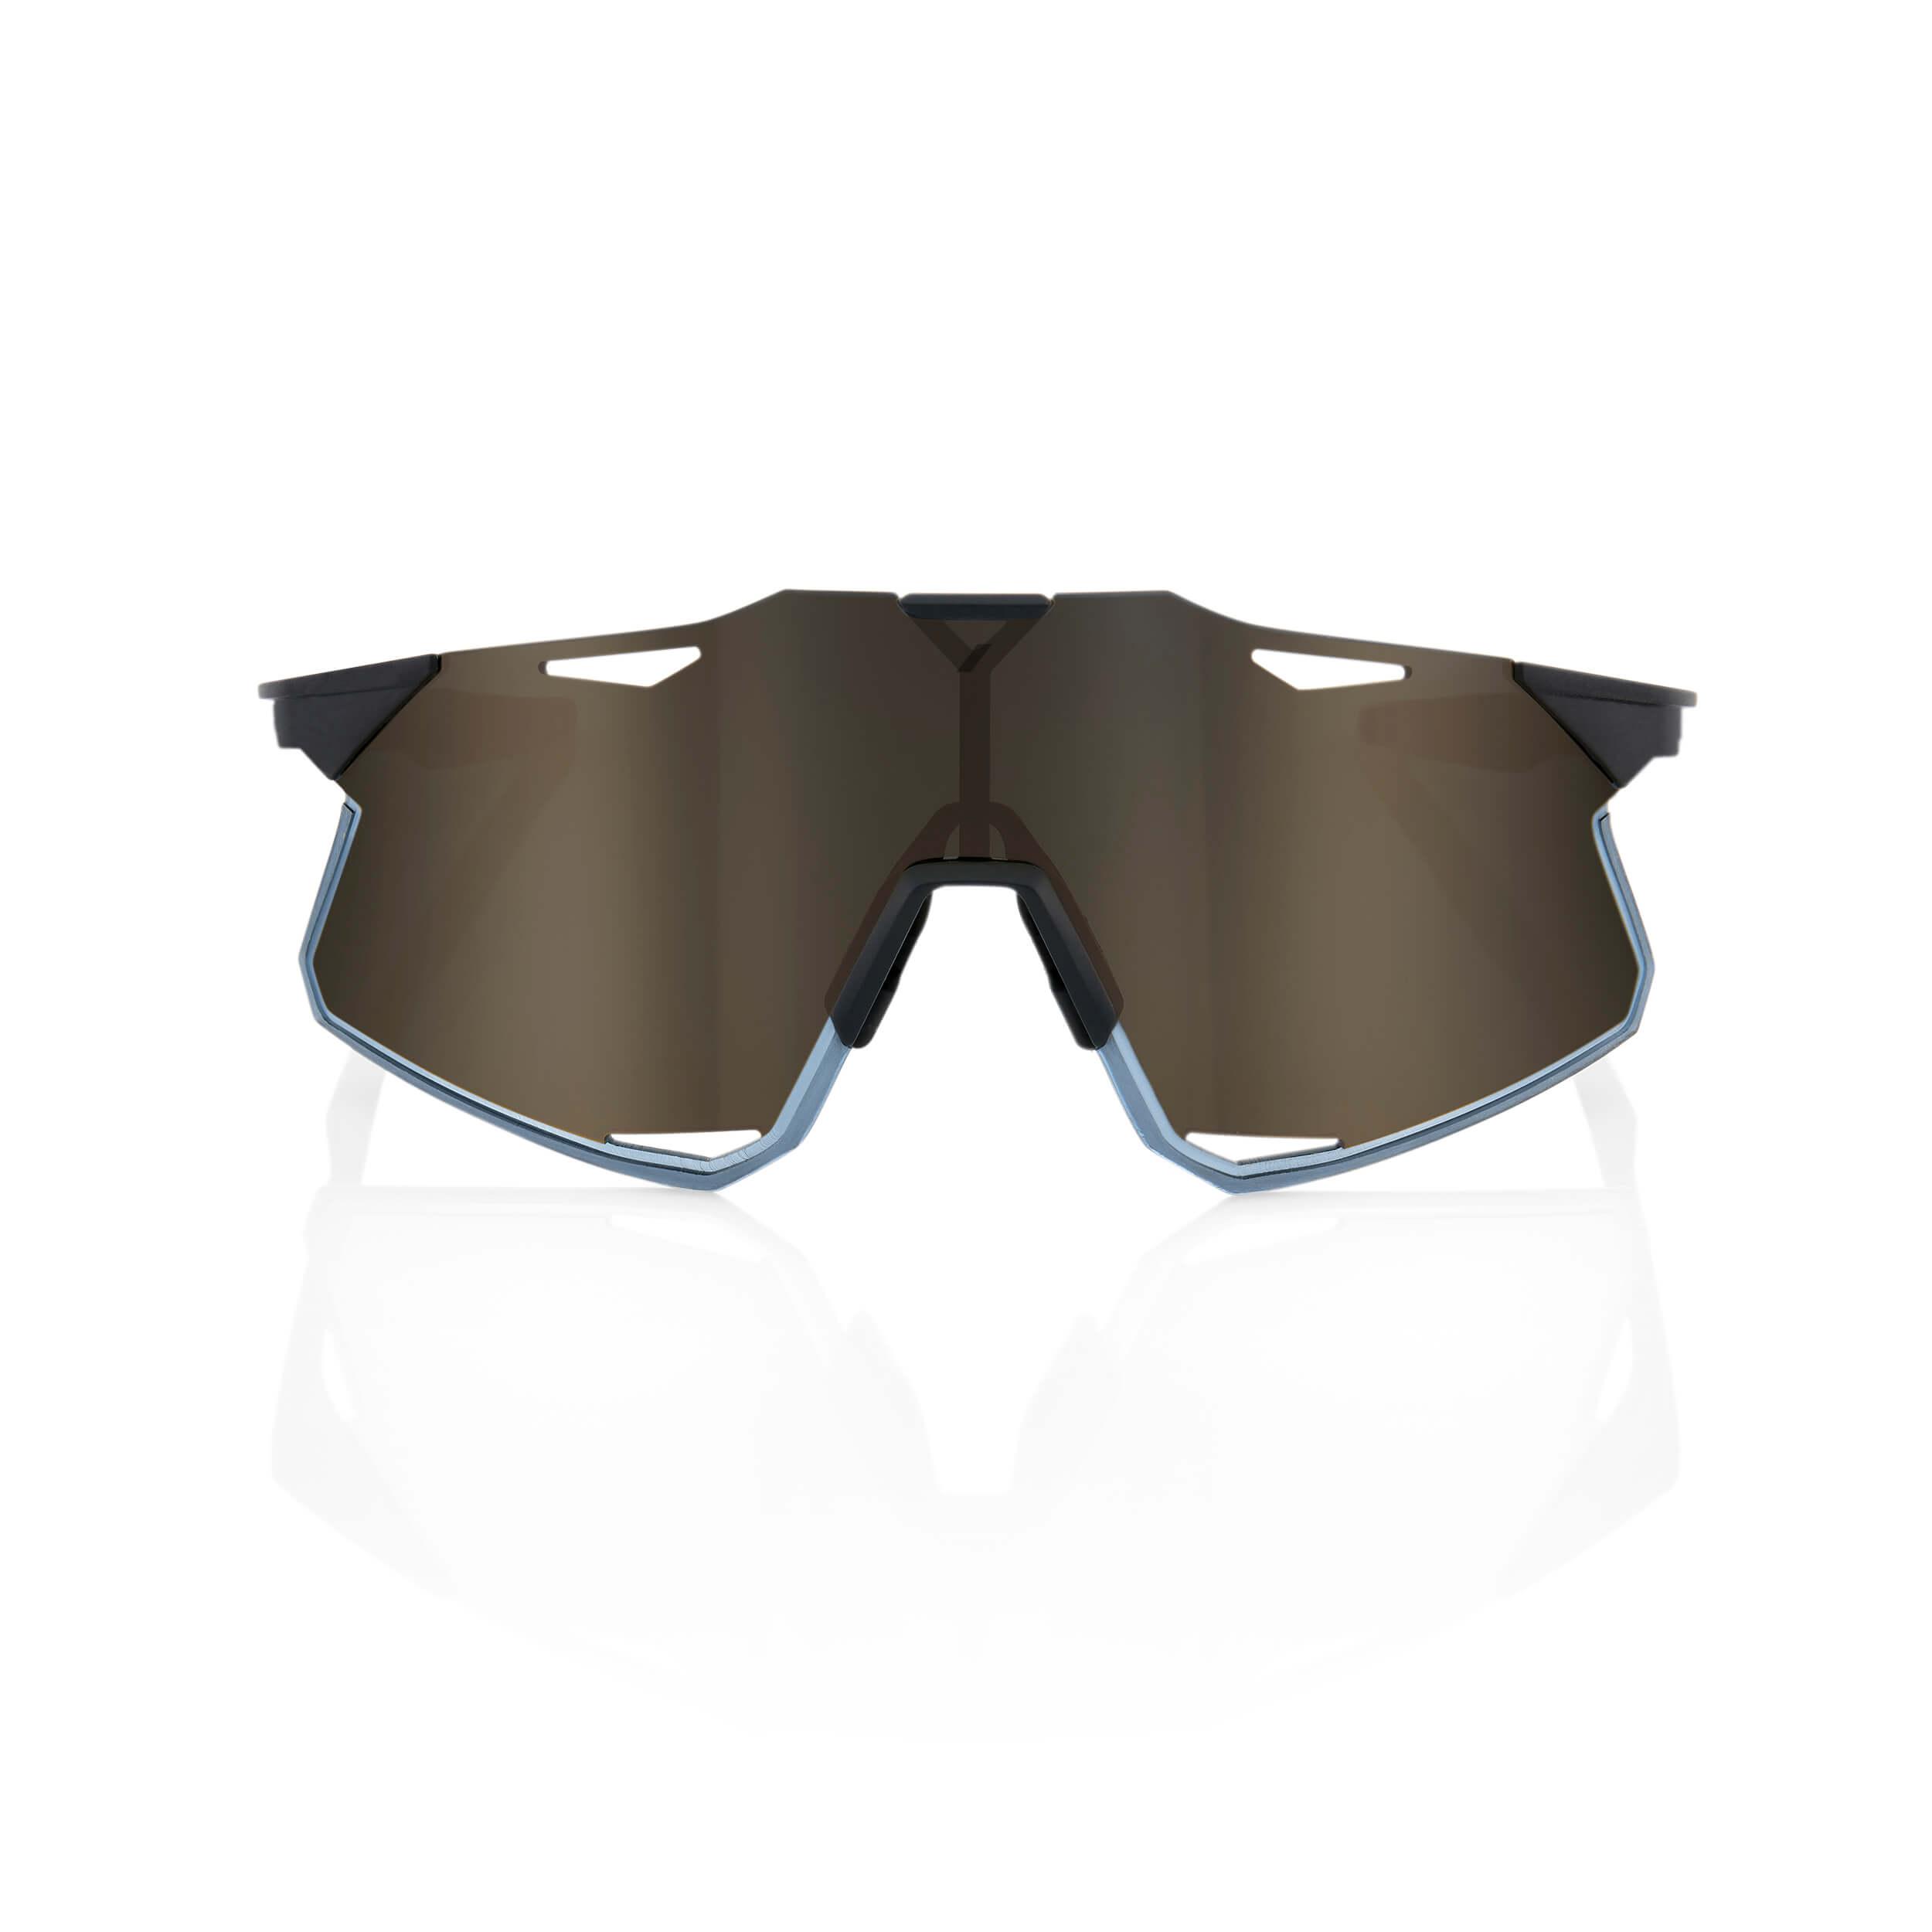 HYPERCRAFT – Matte Black – Soft Gold Mirror Lens